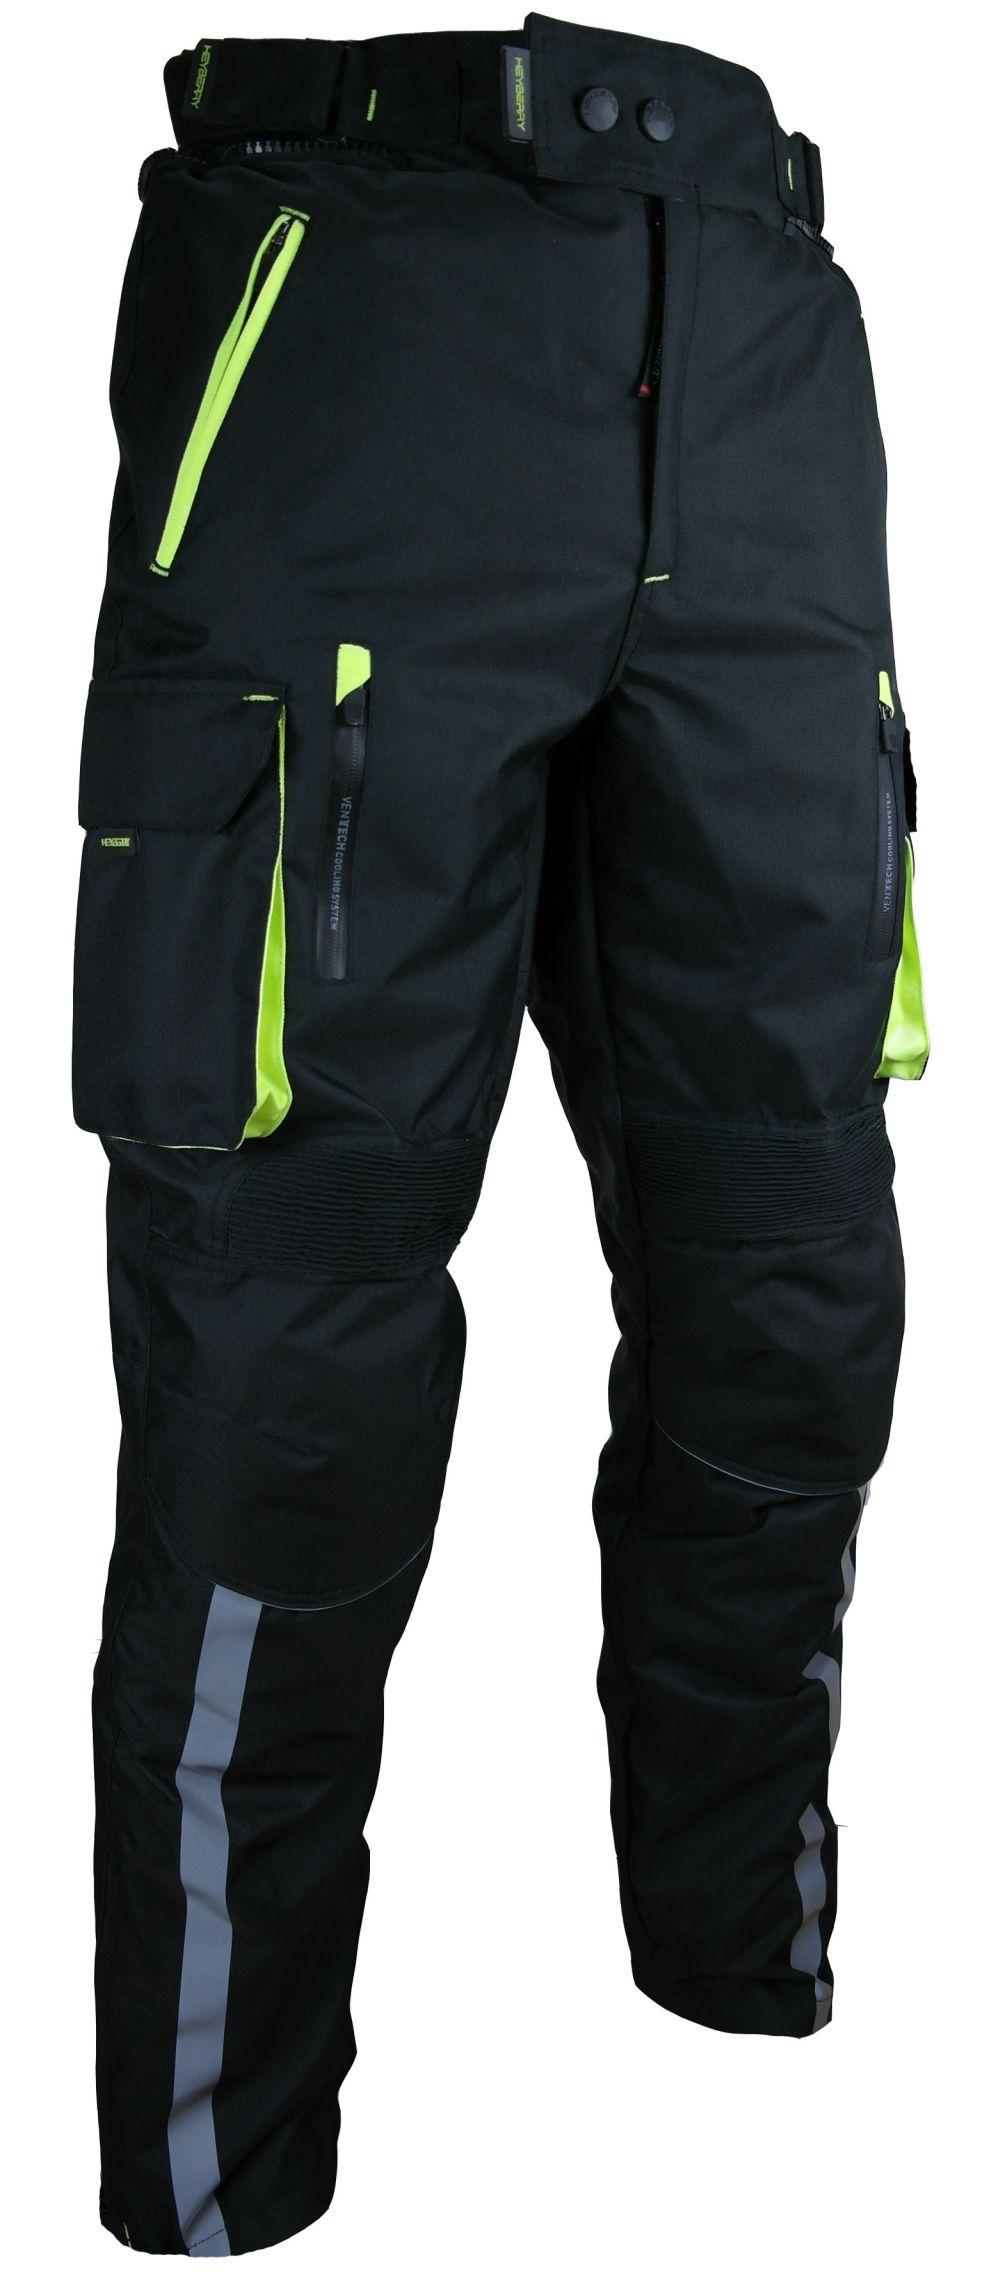 Heyberry Motorradhose Schwarz Neon Textil mit Oberschenkeltaschen M - 3XL